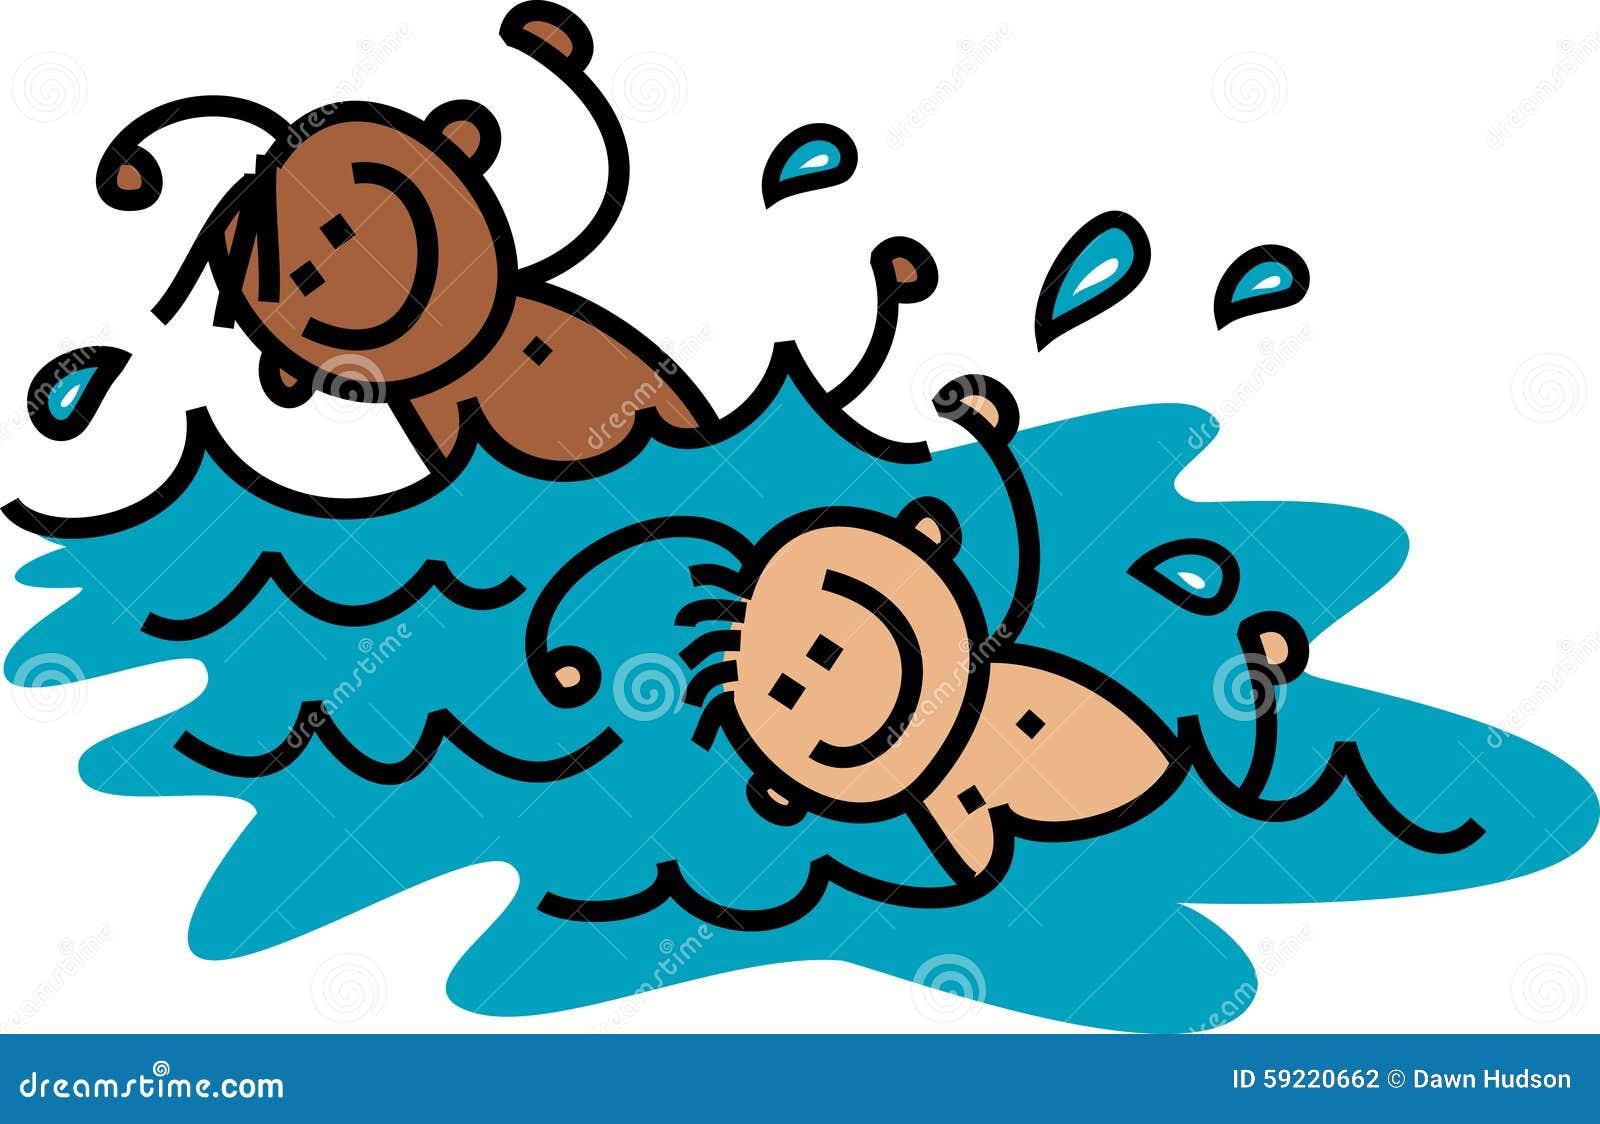 Schwimmen cliparts kostenlos  Schwimmen-Jungen Stock Abbildung - Bild: 59220662